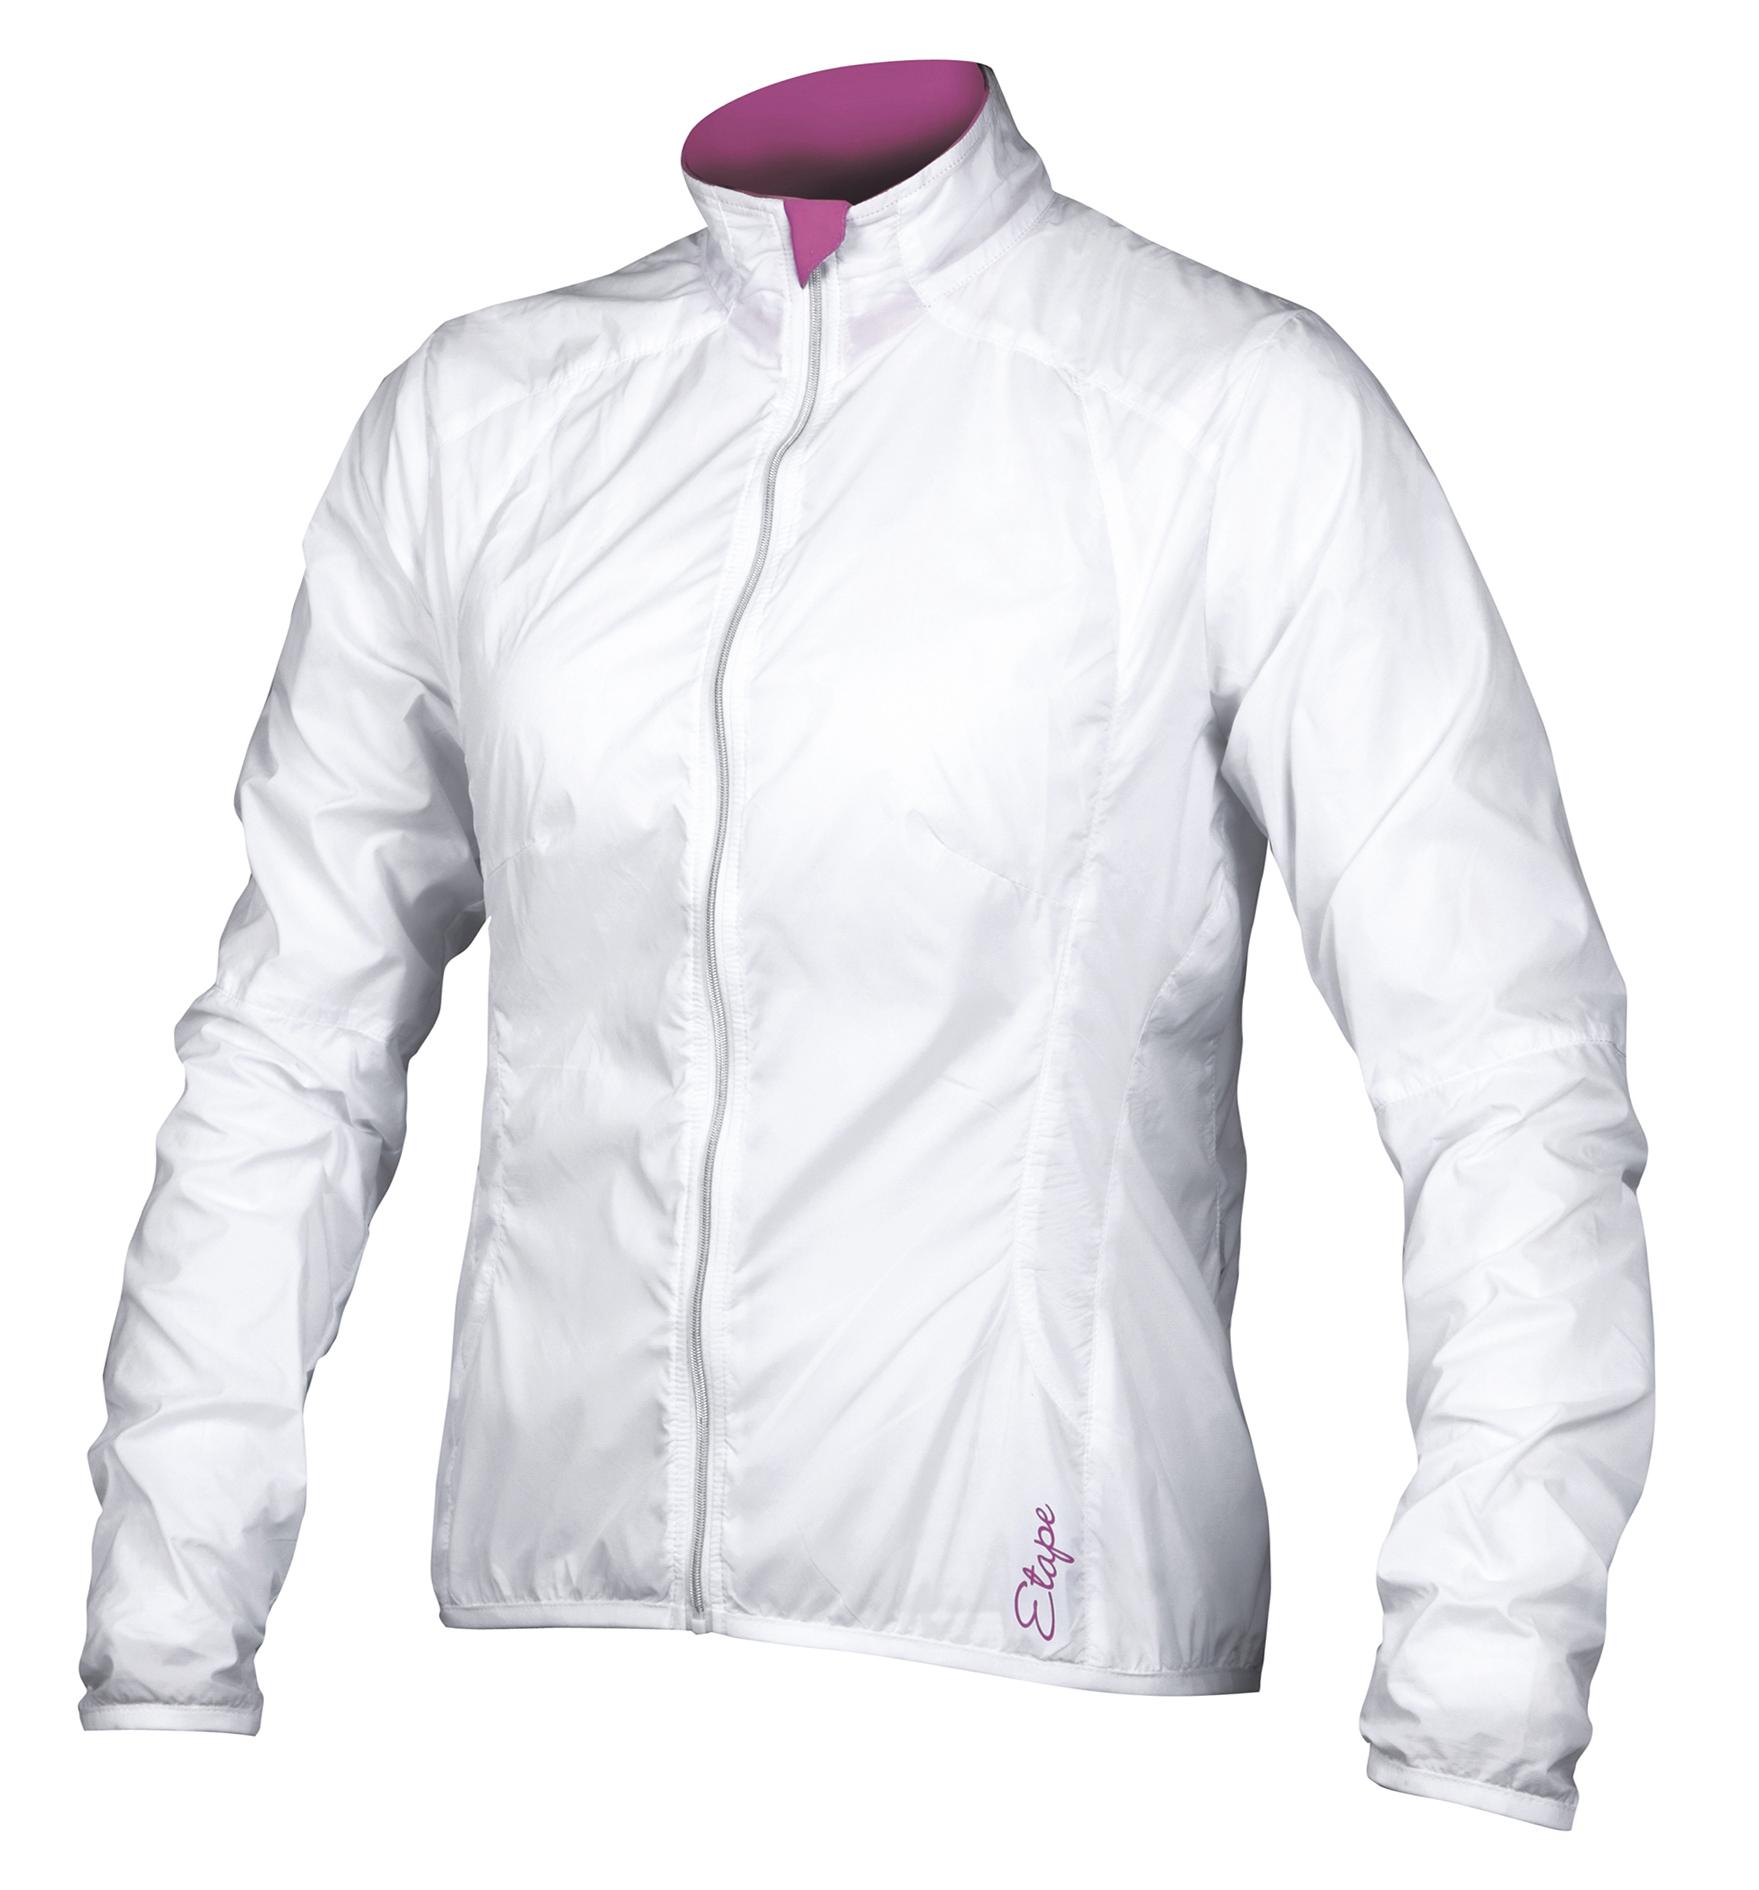 Dámská větrovka ETAPE Gloria, vel. M, bílá/růžová, model 2017 (Dámská větrová bunda Etape, zadní kapsa na zip)